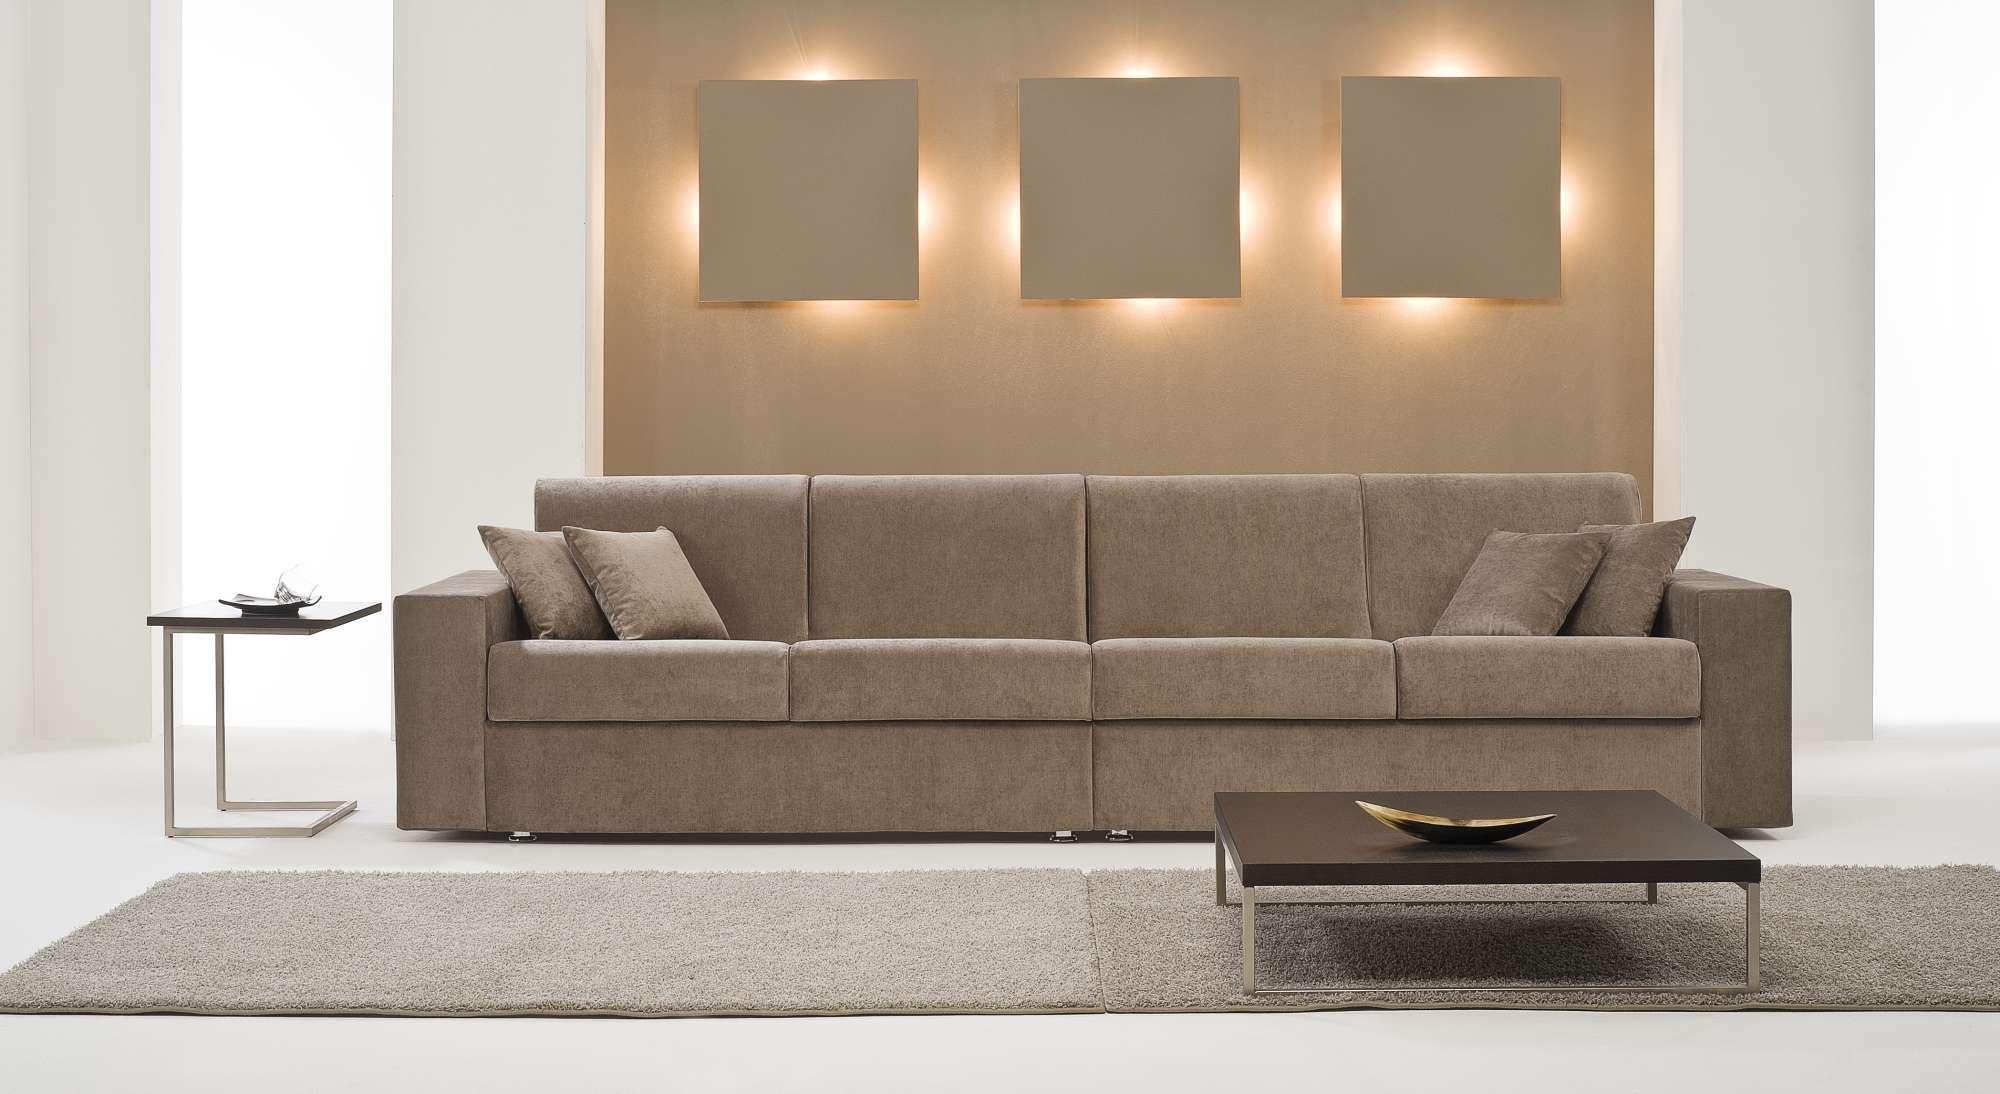 Dream divani letto con chaise longue collezione moderni - Divani letto chaise longue ...